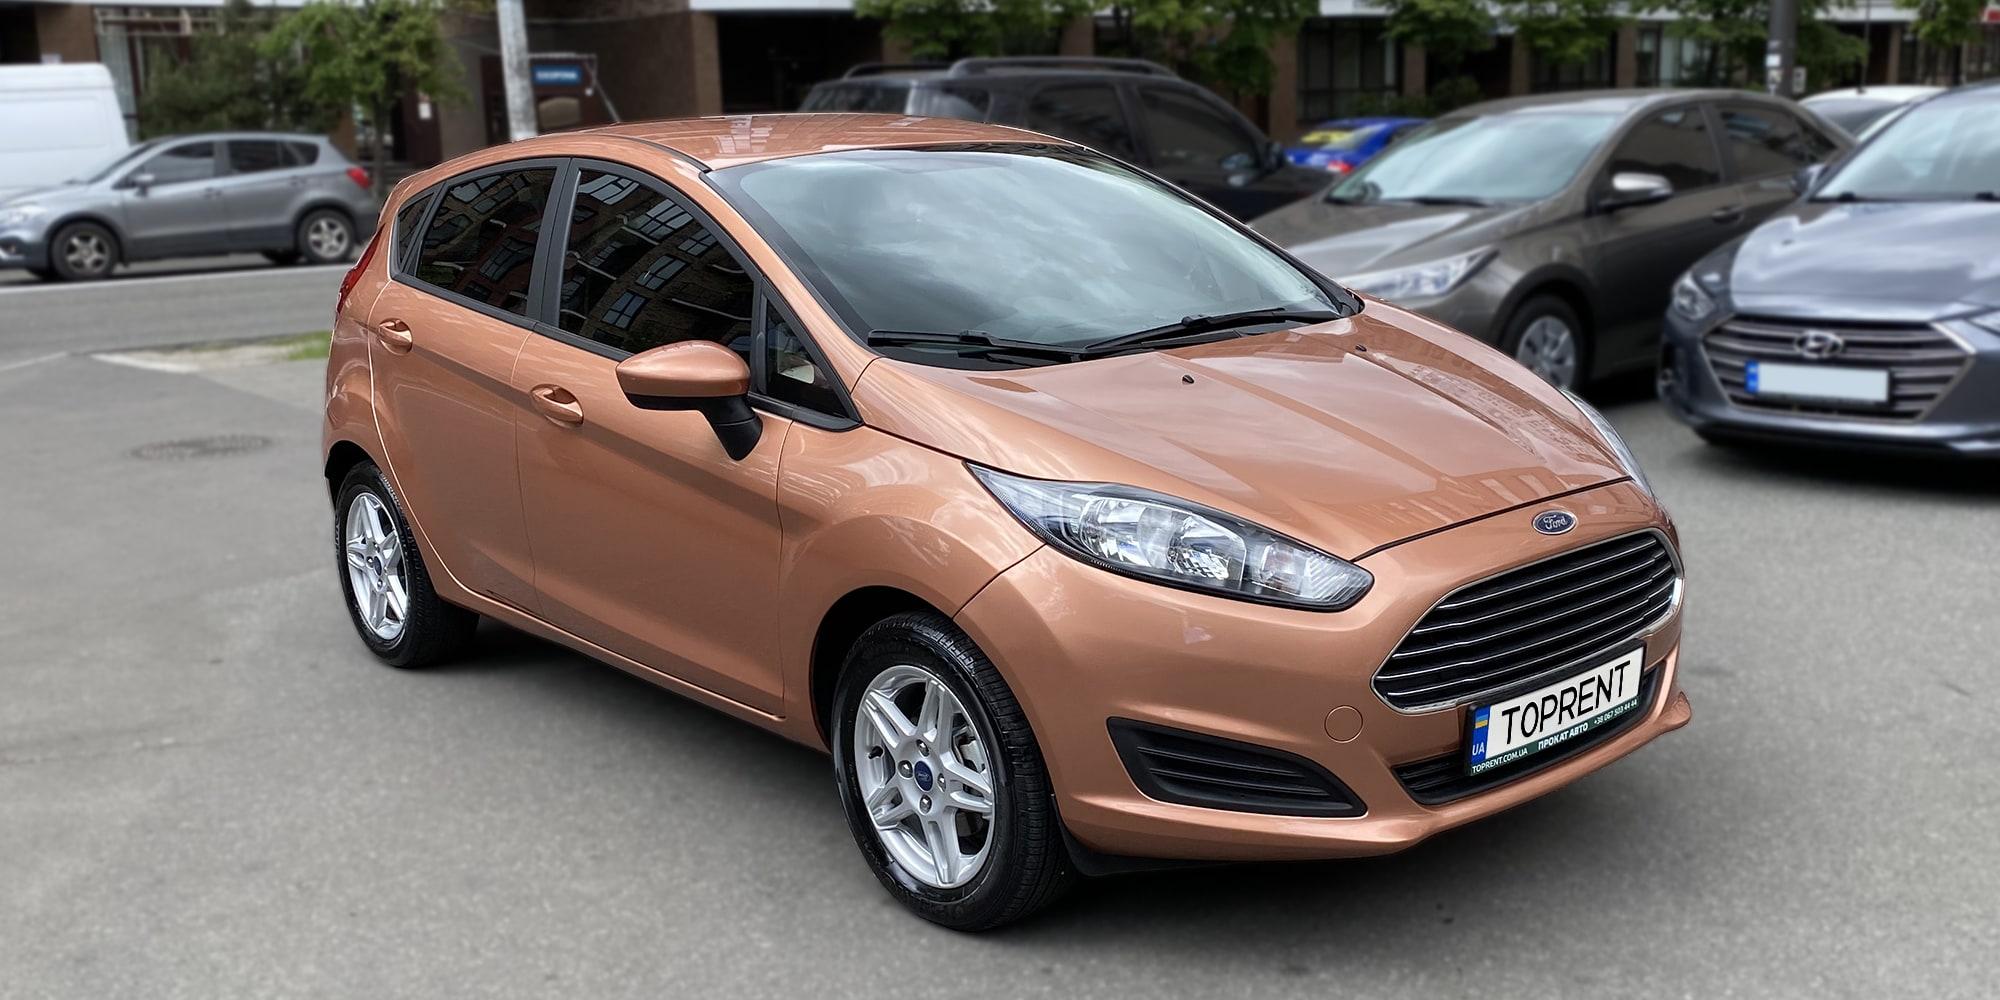 Прокат и аренда авто Ford Fiesta hatchback 2017 - фото 2 | TOPrent.ua